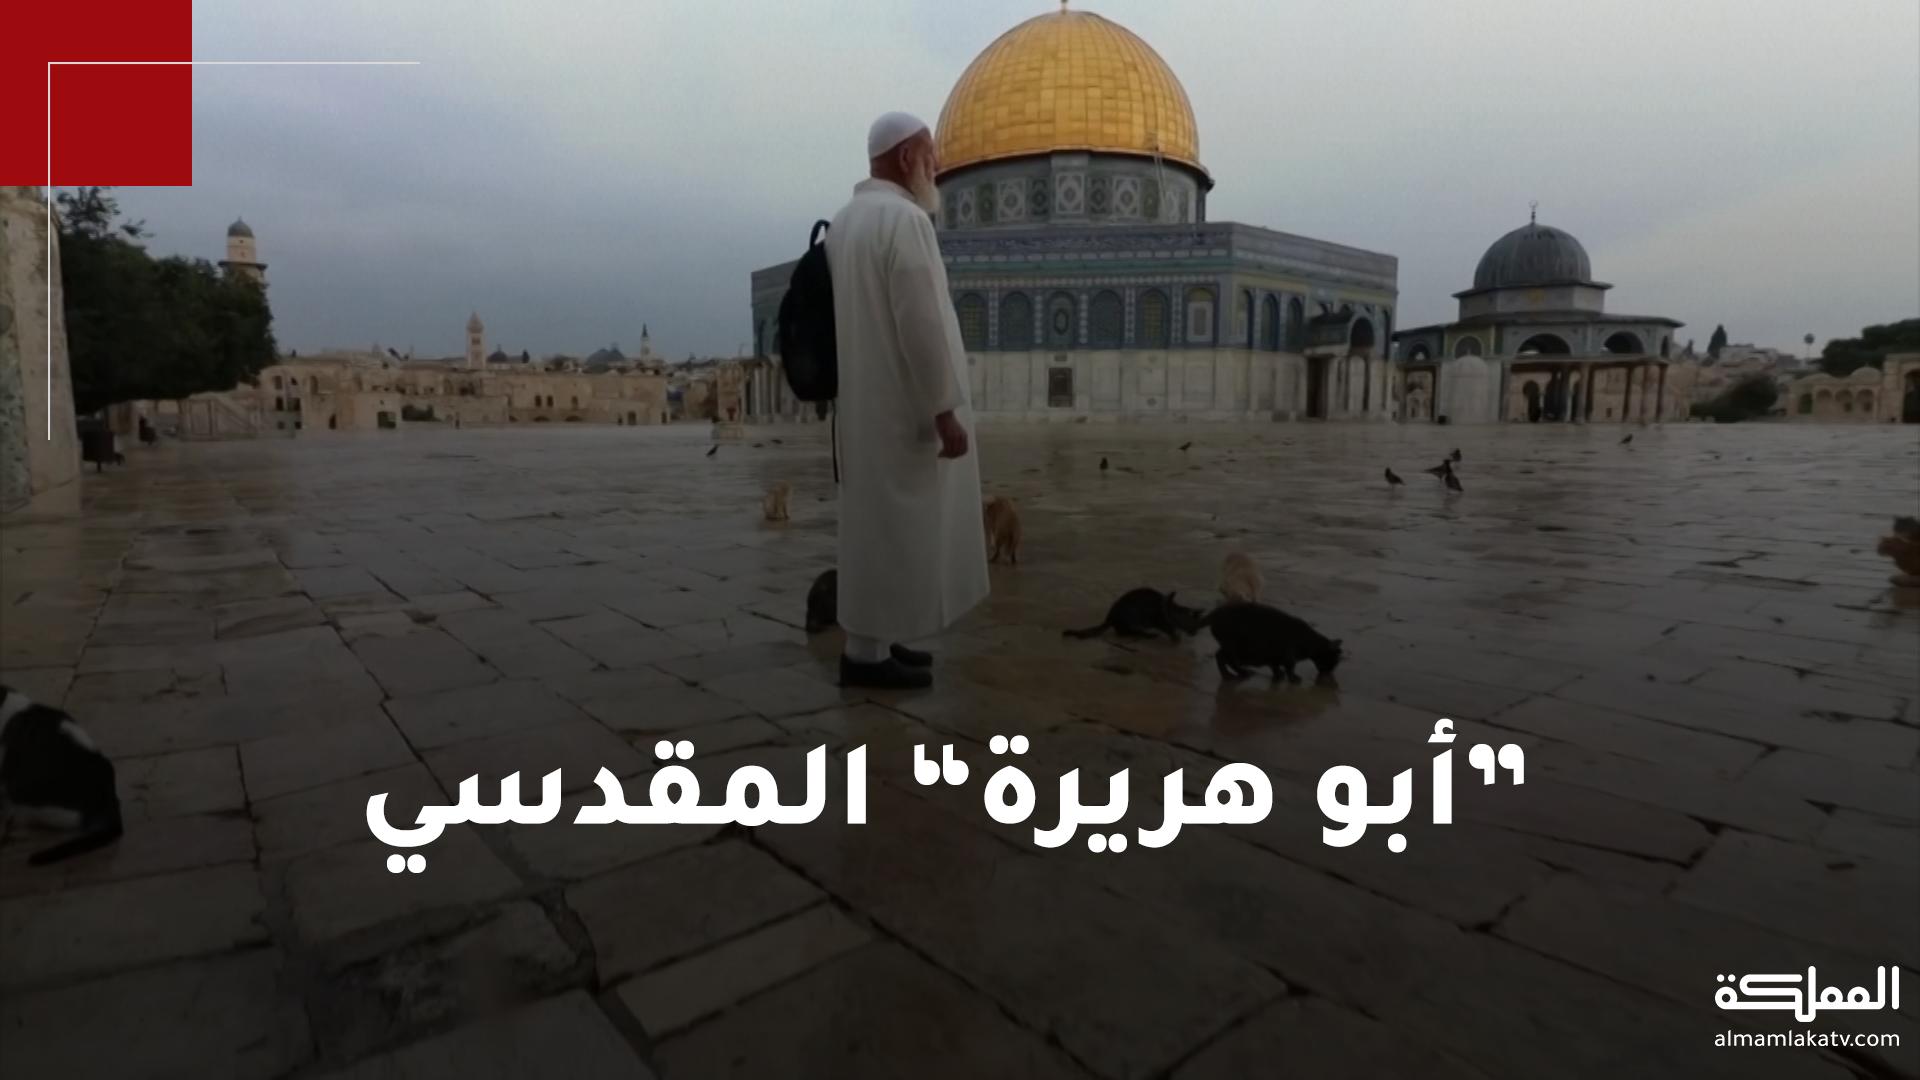 مات أبو هريرة .. جليس الأقصى، ناثر الرحمة على طوافات الحرم